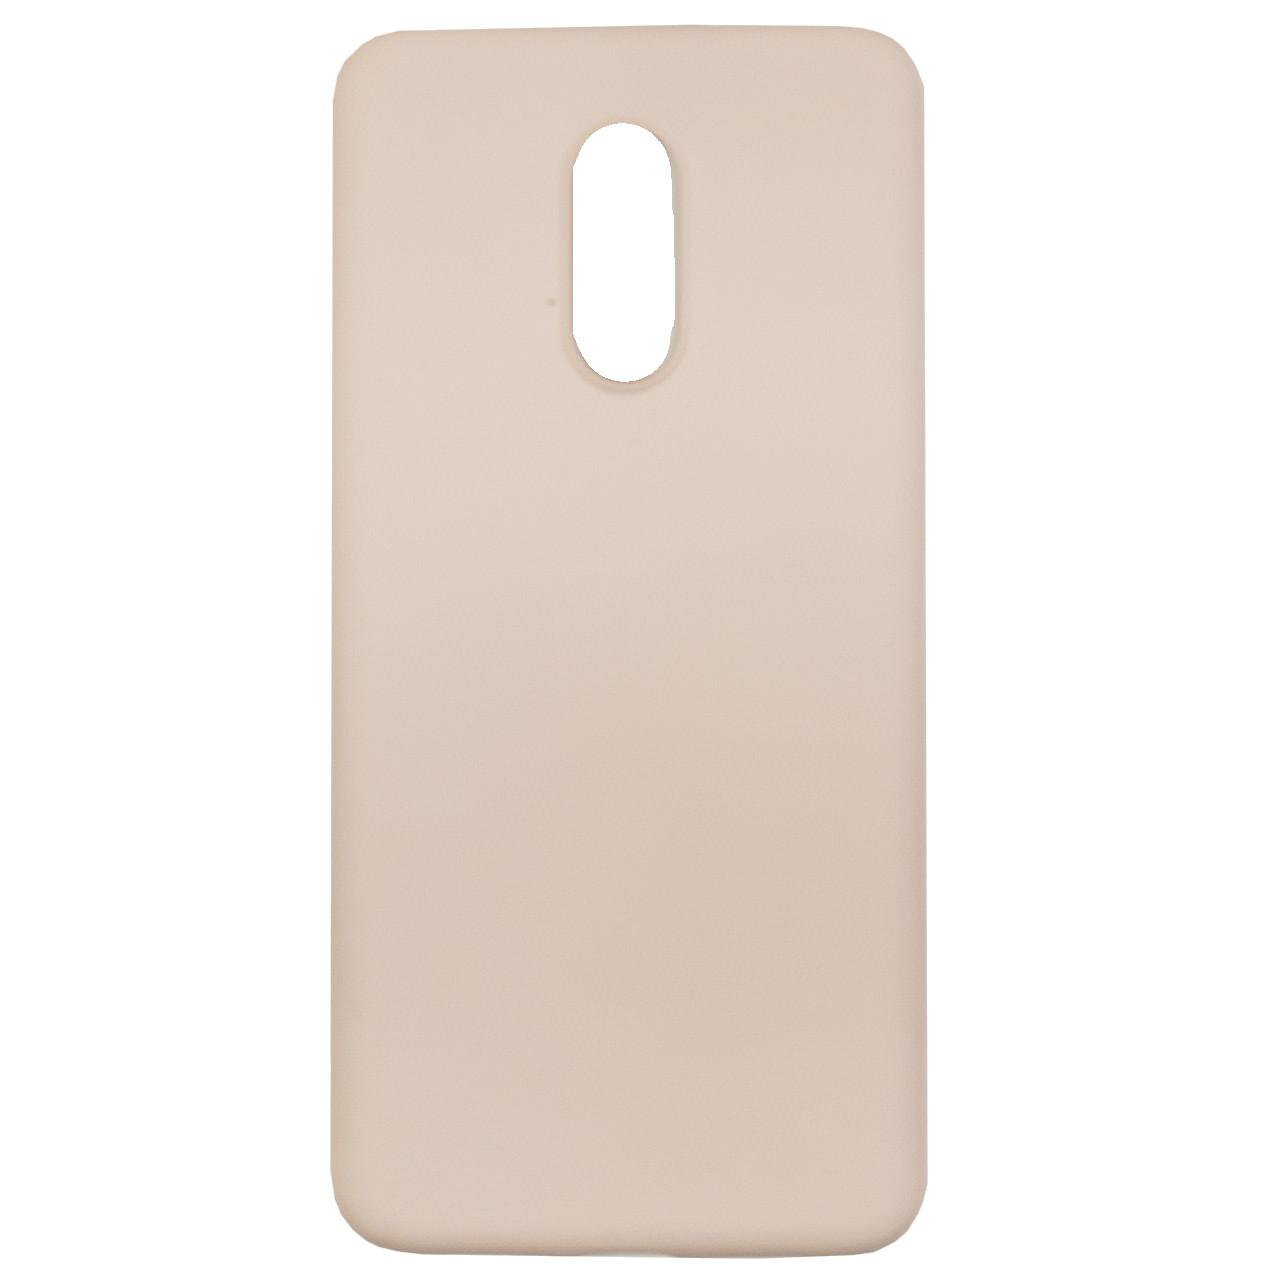 Силиконовый чехол C-KU SS01 для смартфона OnePlus 7 Light Pink надежная защита от повреждений